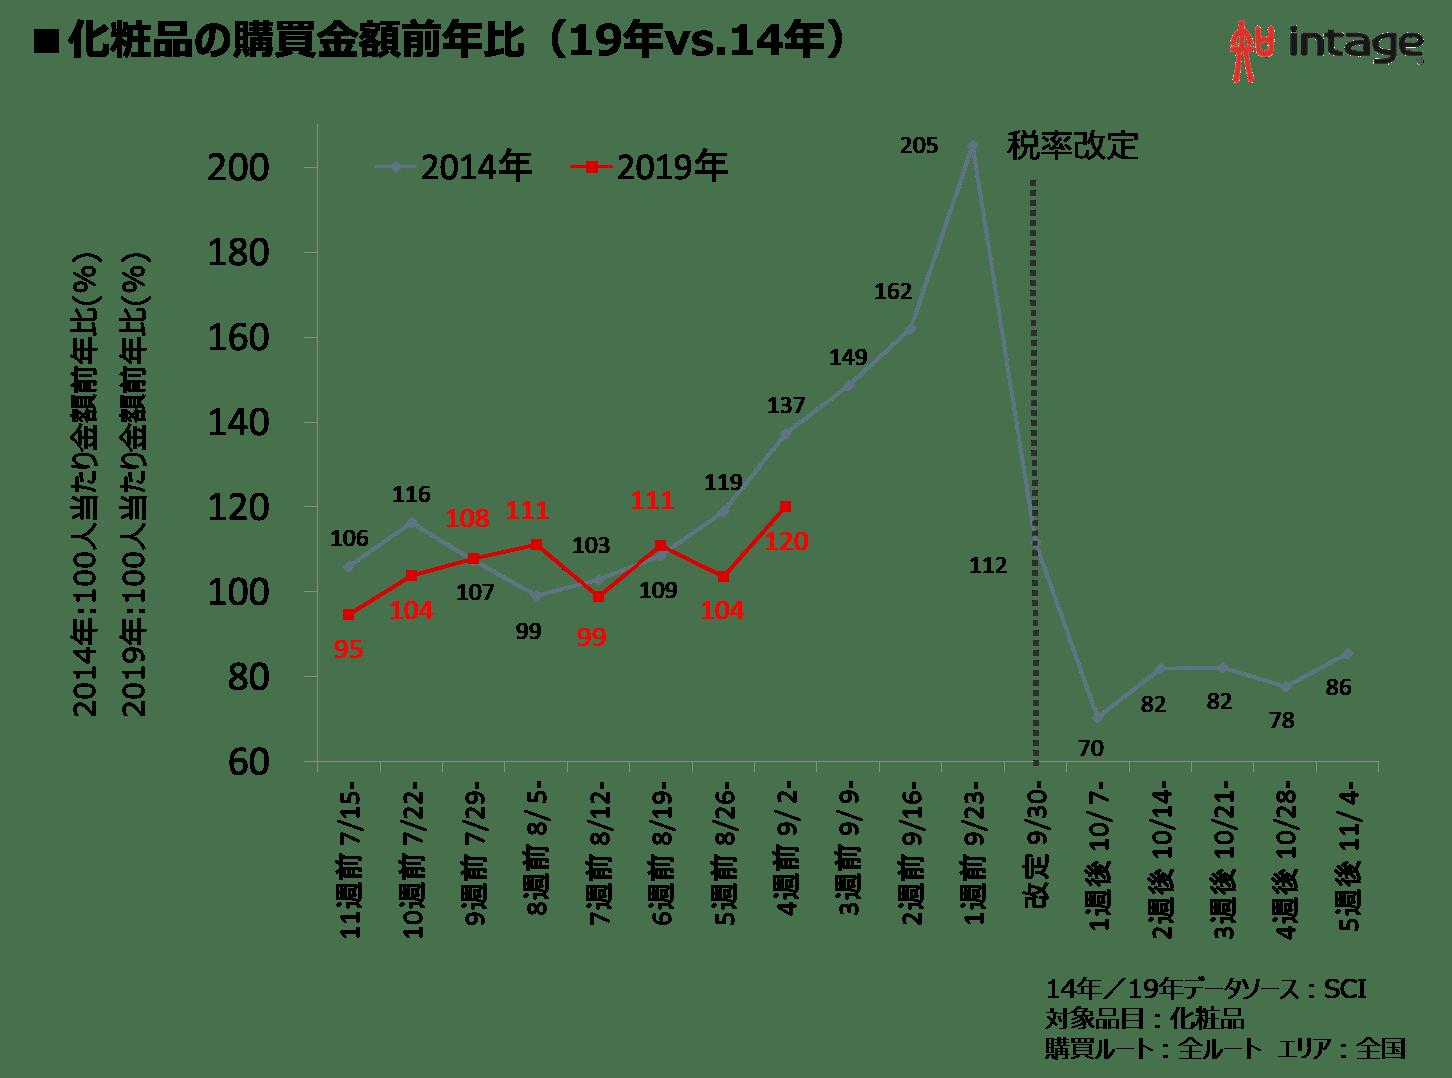 化粧品の購買金額前年比(19年vs.14年)